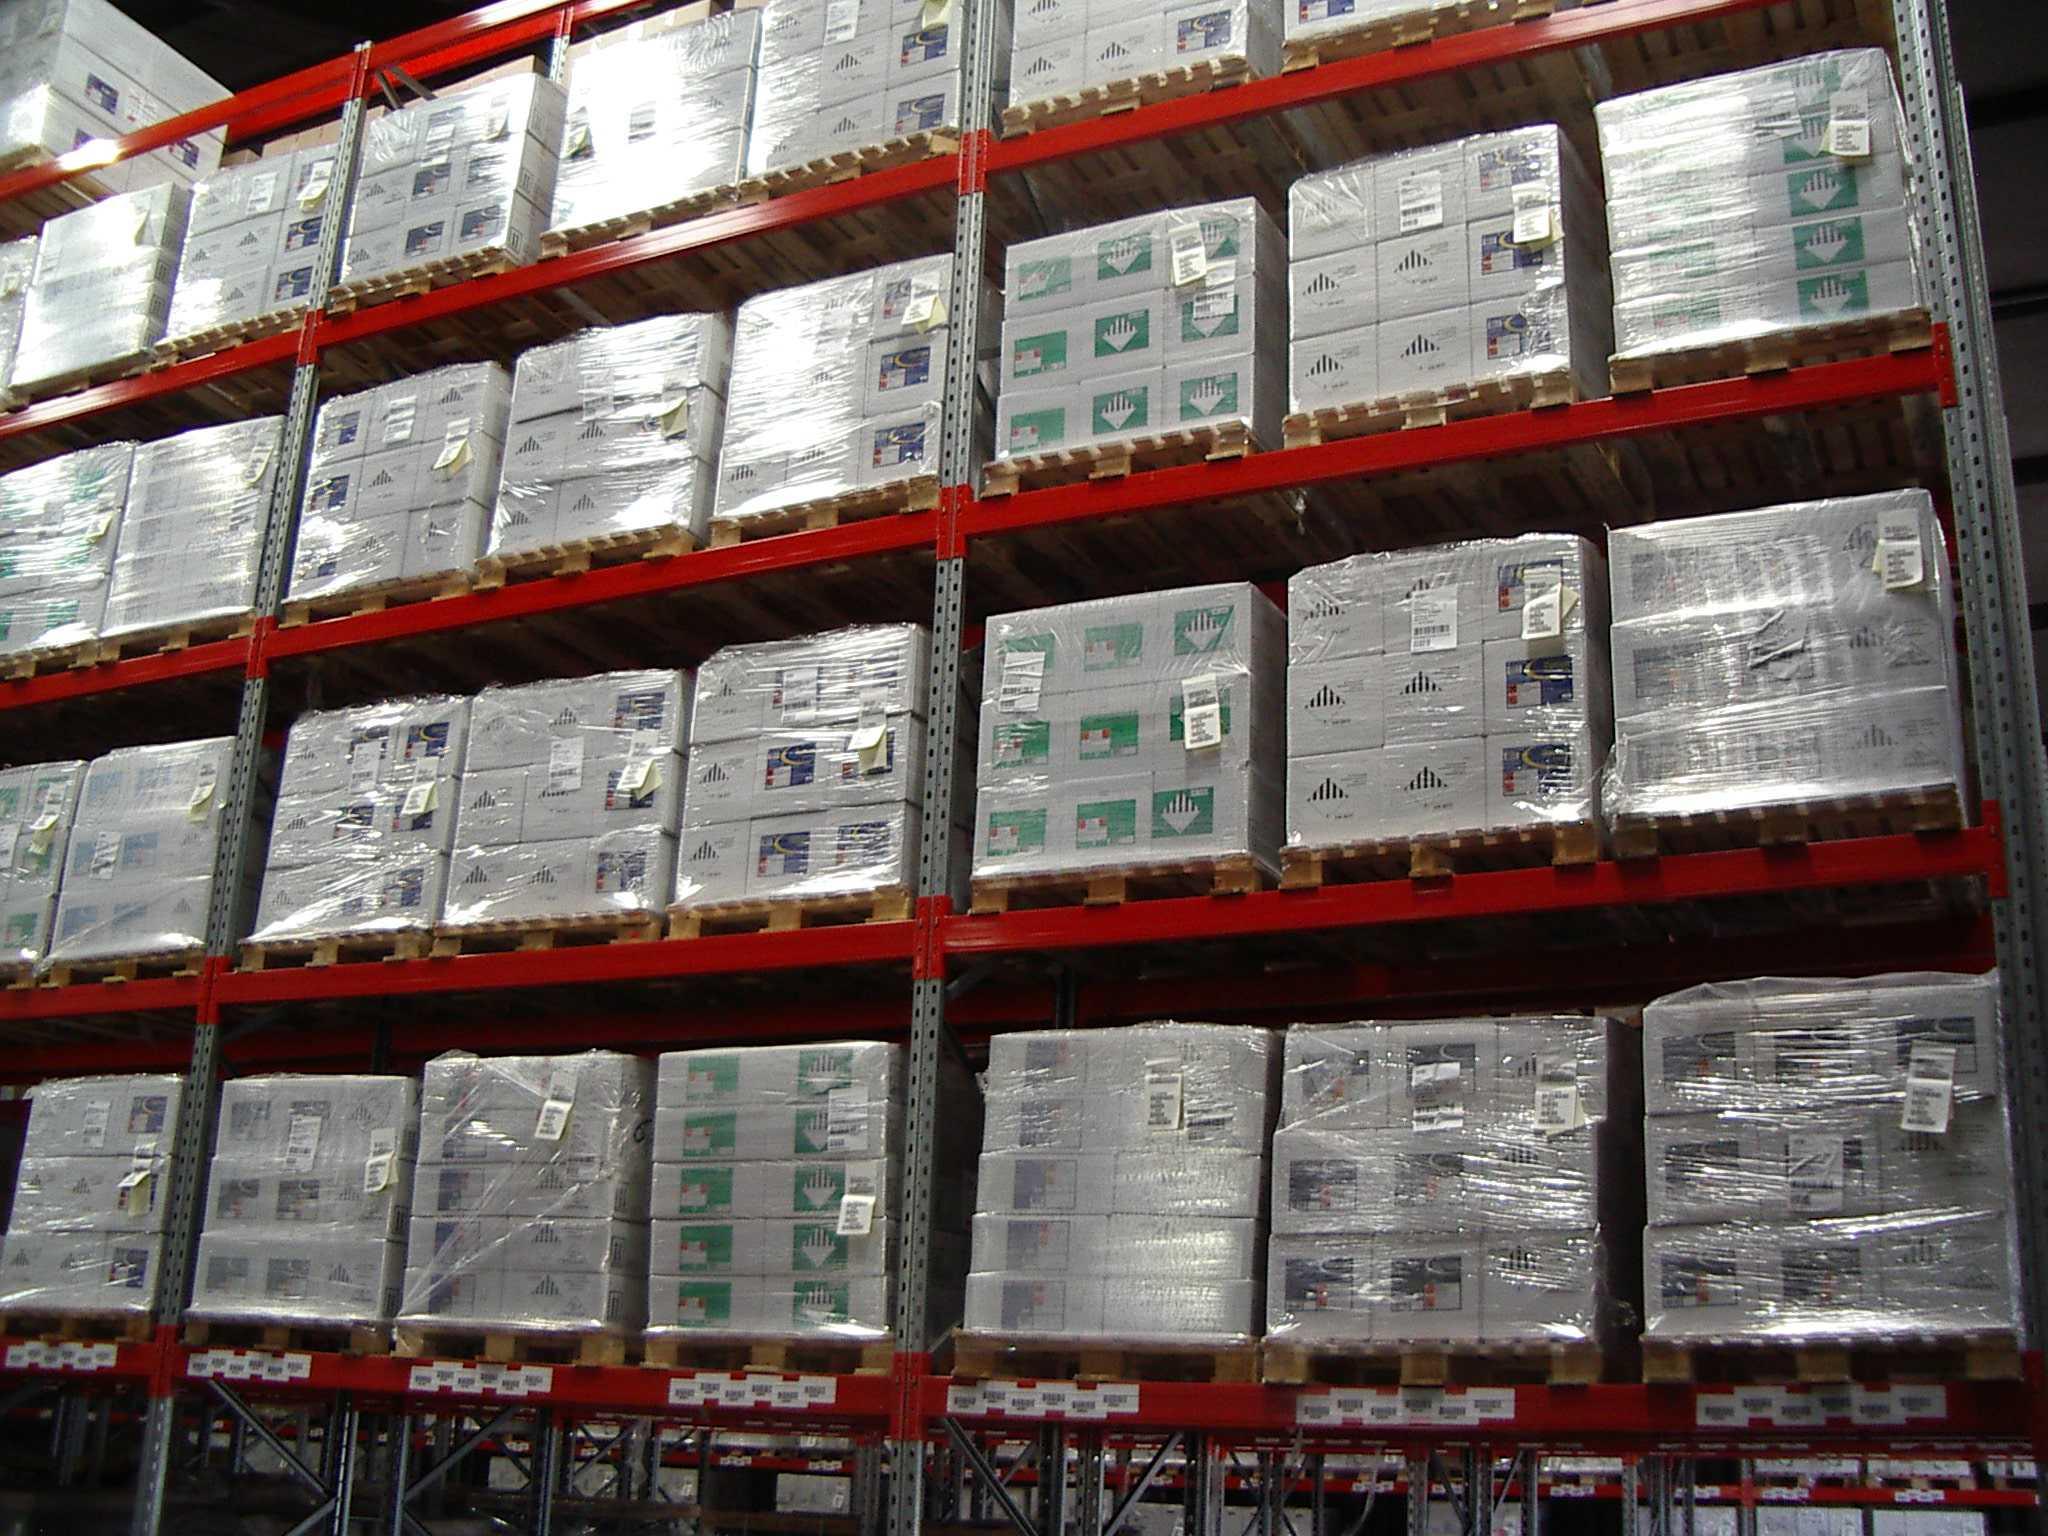 Pallet Racking Storage